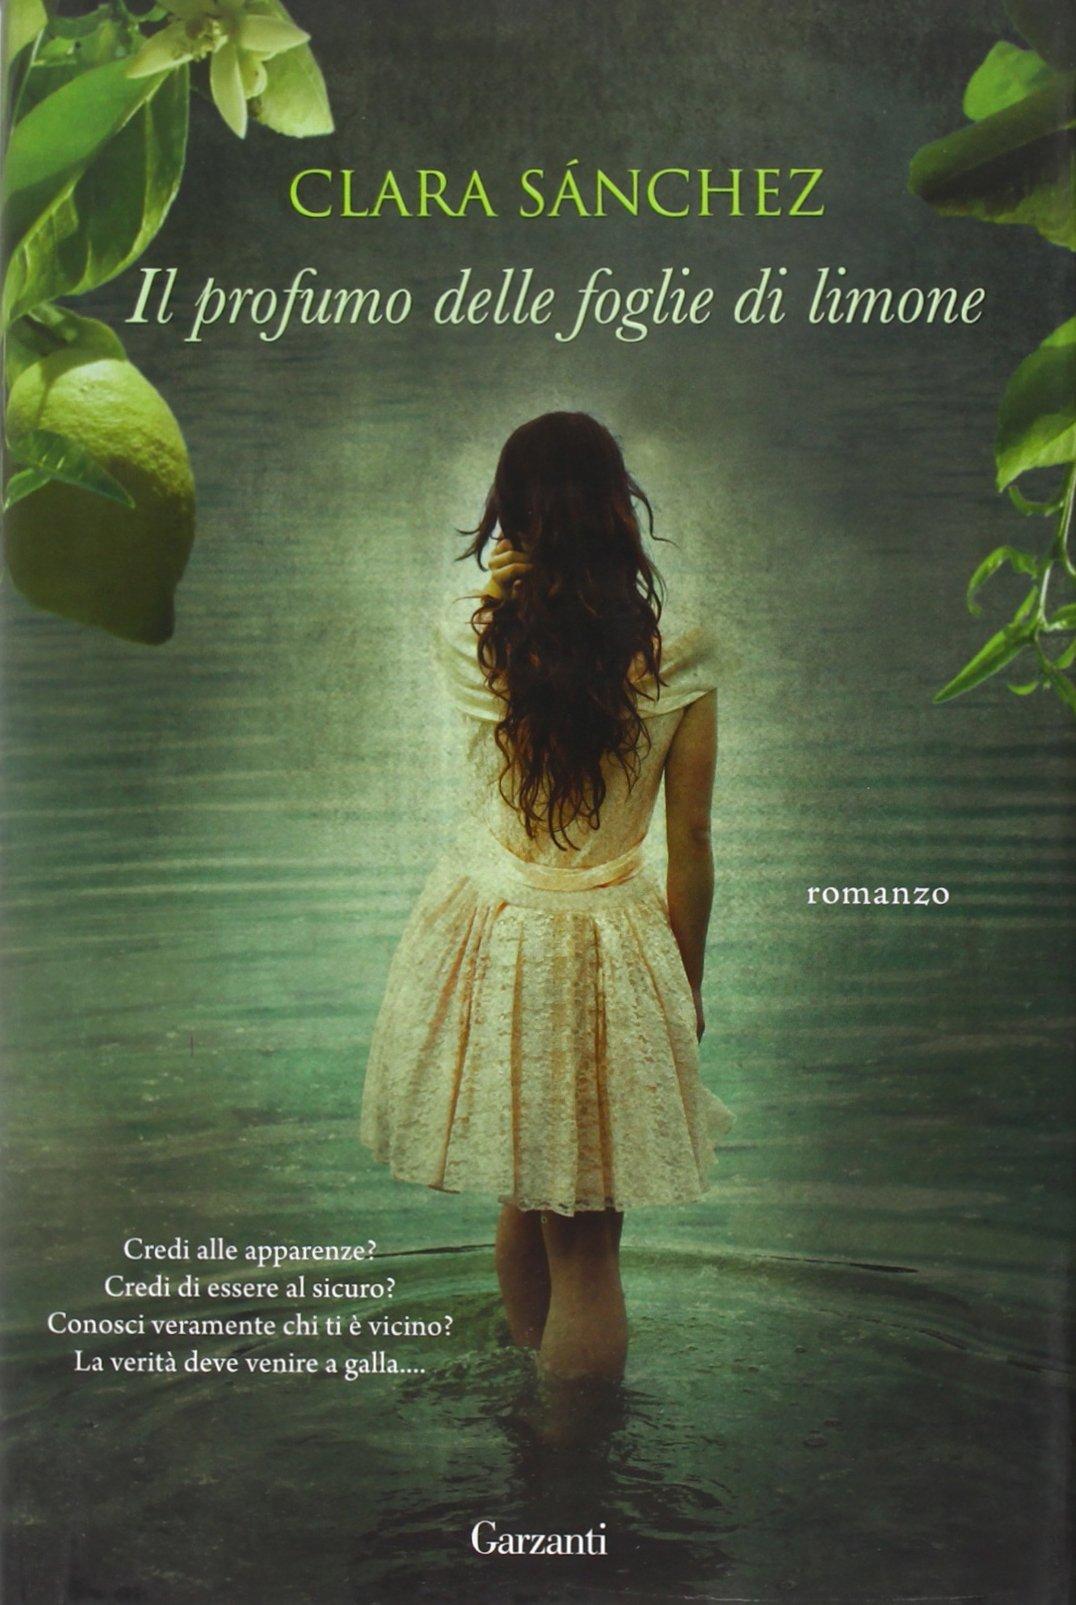 Amazon.it: Il profumo delle foglie di limone - Sánchez, Clara, Budetta, E.  - Libri